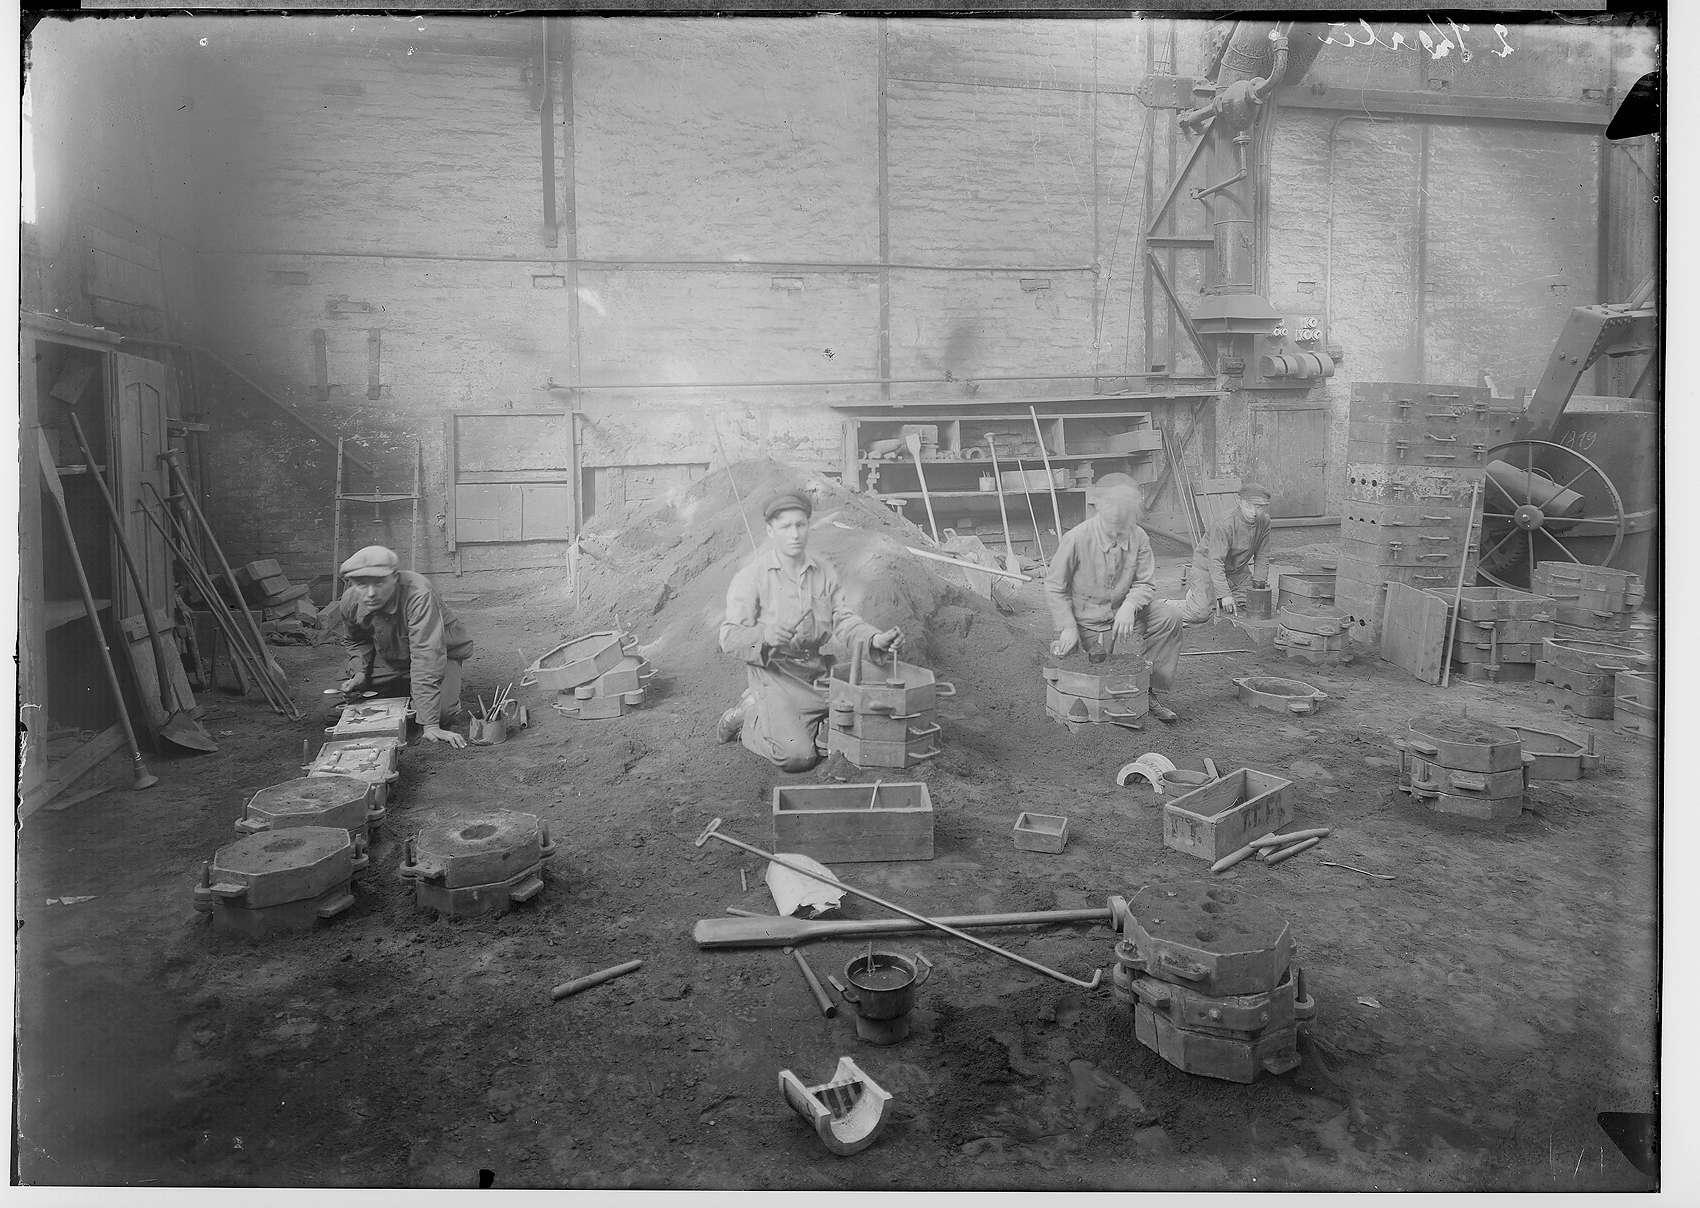 Reichsjugendwettkämpfe - Nettal(?)-Wettkämpfe 1934; Vier junge Männer beim Herstellen von Gußformen in einer Werkshalle Laucherthal, Bild 1